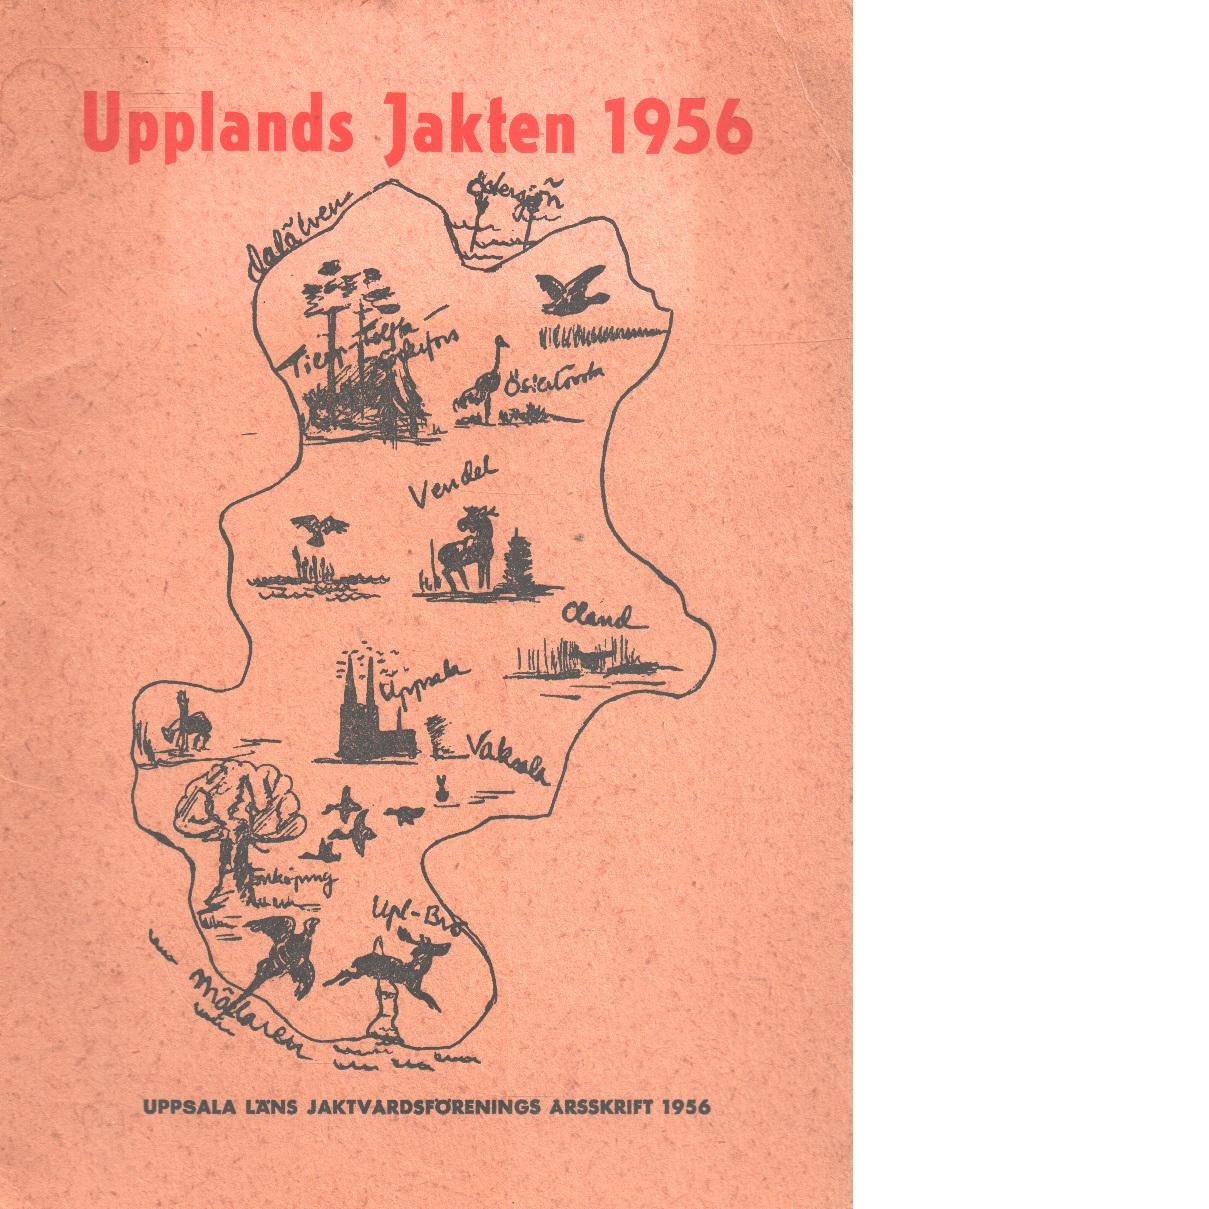 Upplandsjakten : Uppsala läns jaktvårdsförenings årsskrift 1956 - Red.